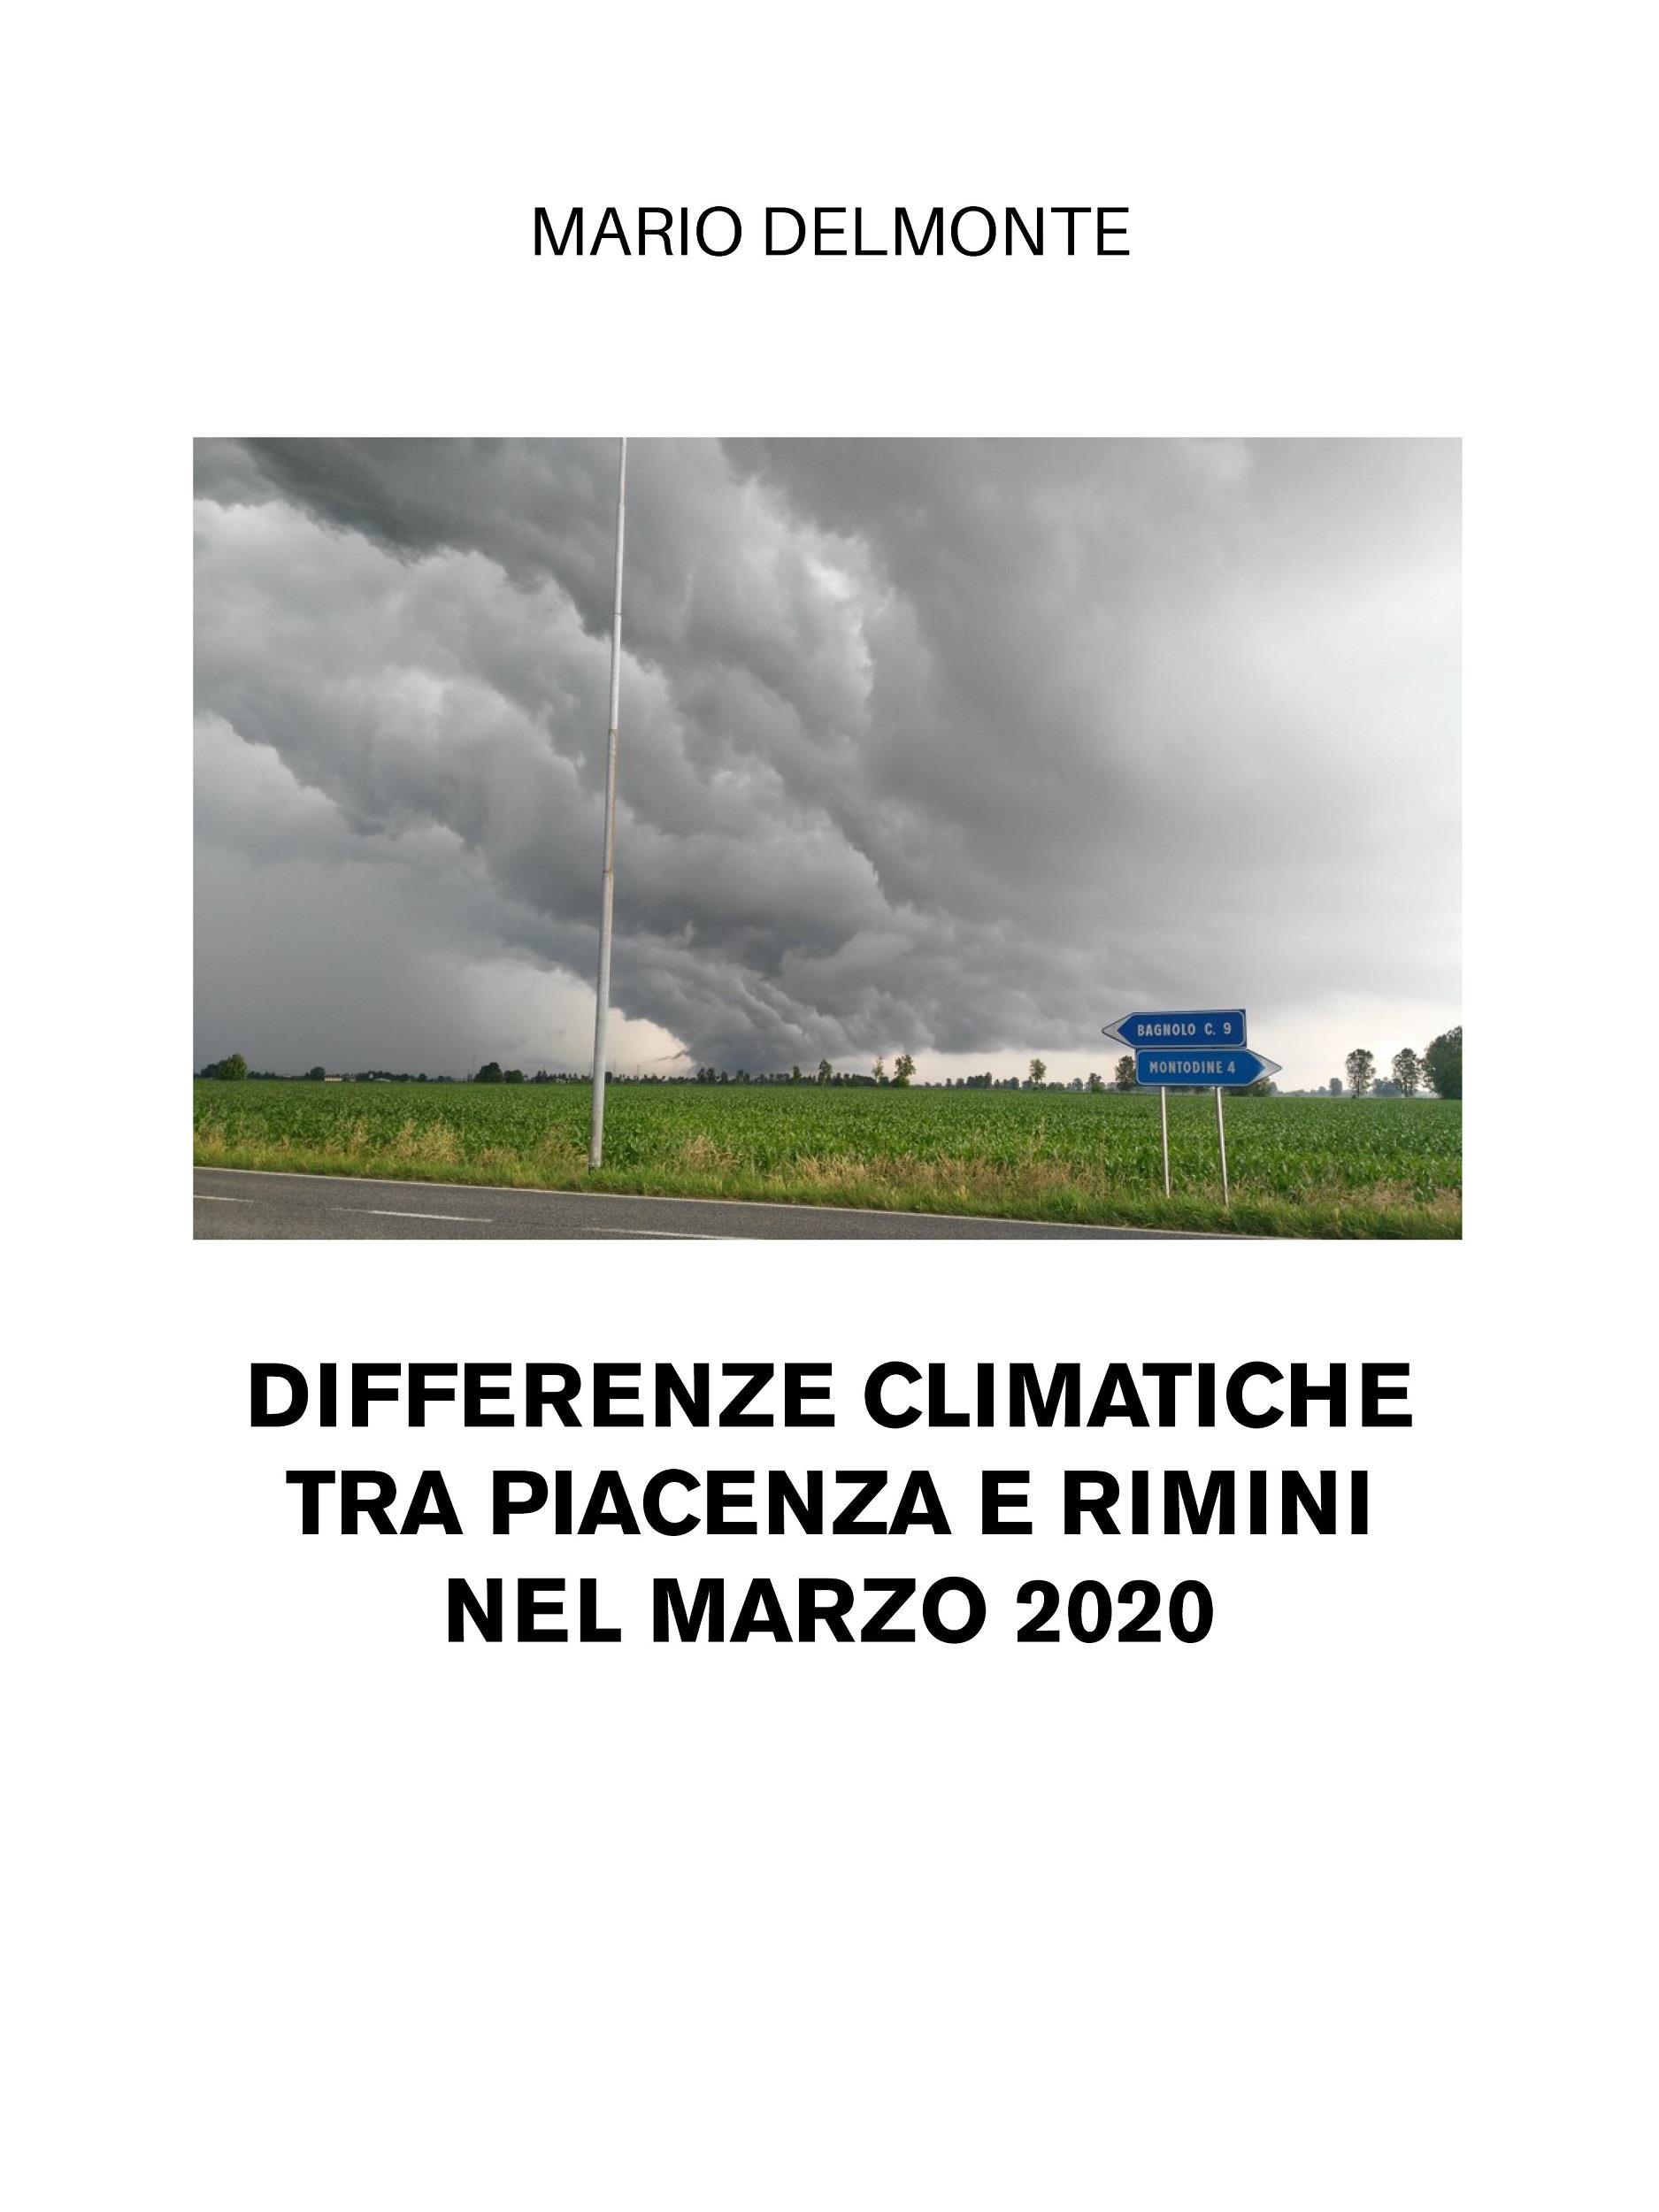 Differenze climatiche tra Piacenza e Rimini nel marzo 2020